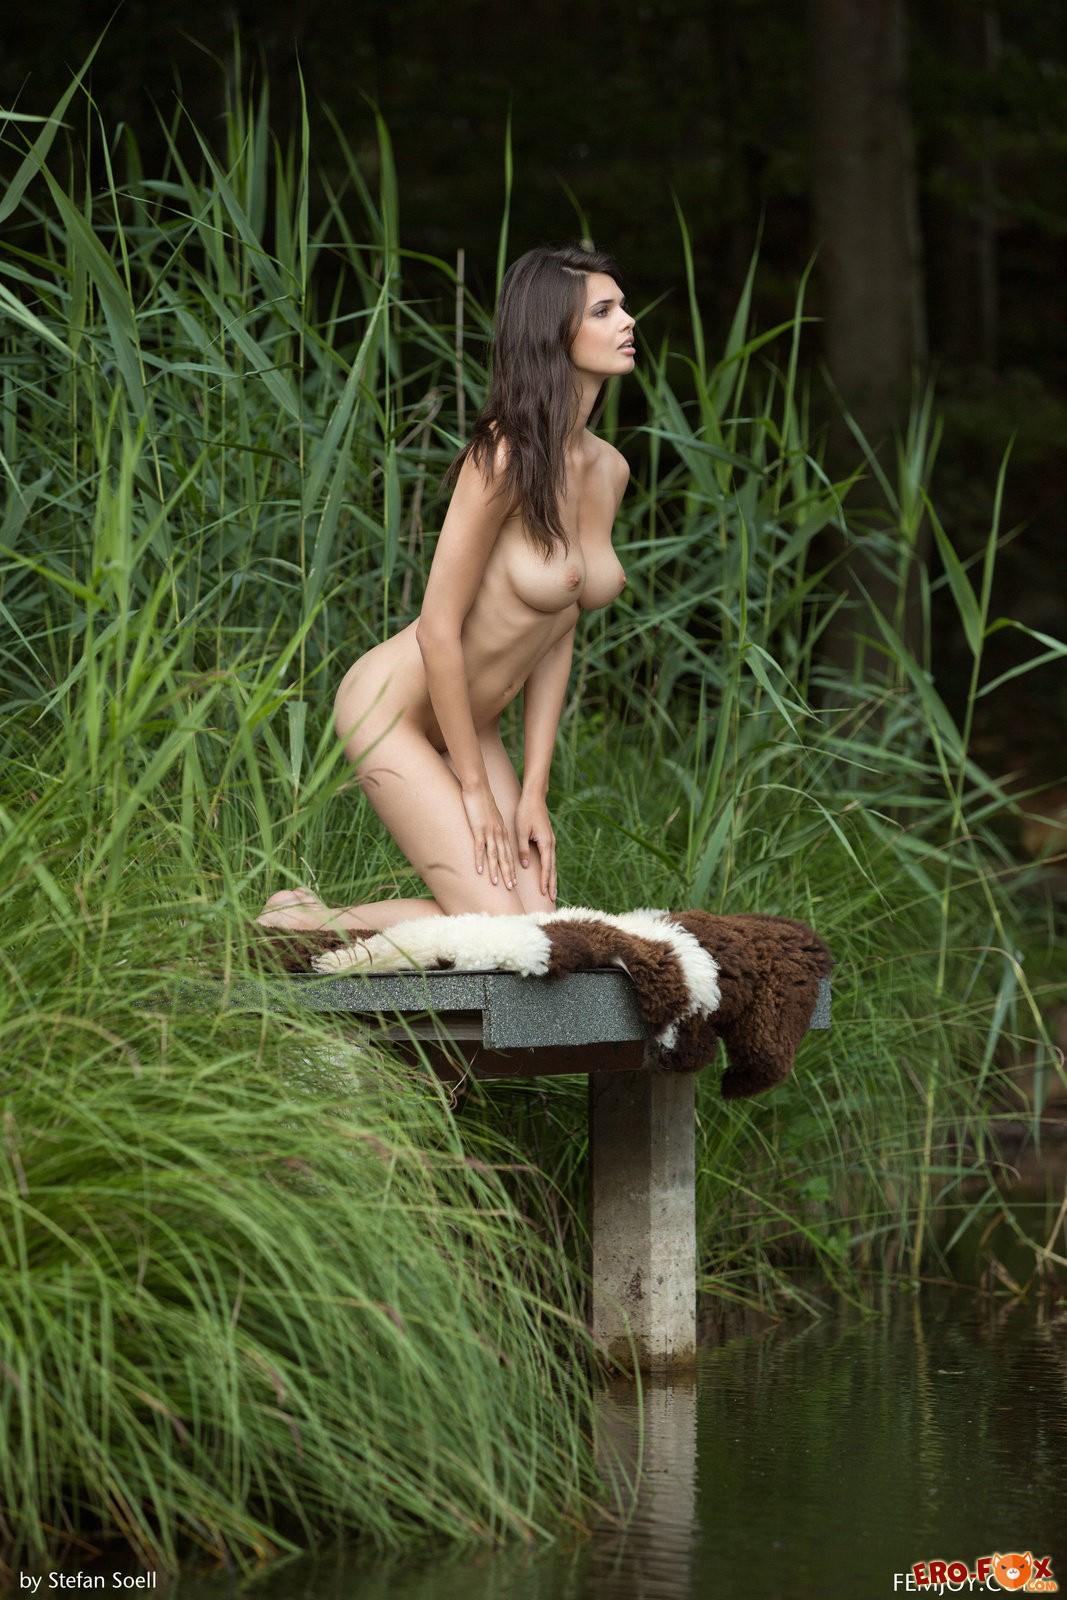 Большие дойки брюнетки на природеголые большие дойки.